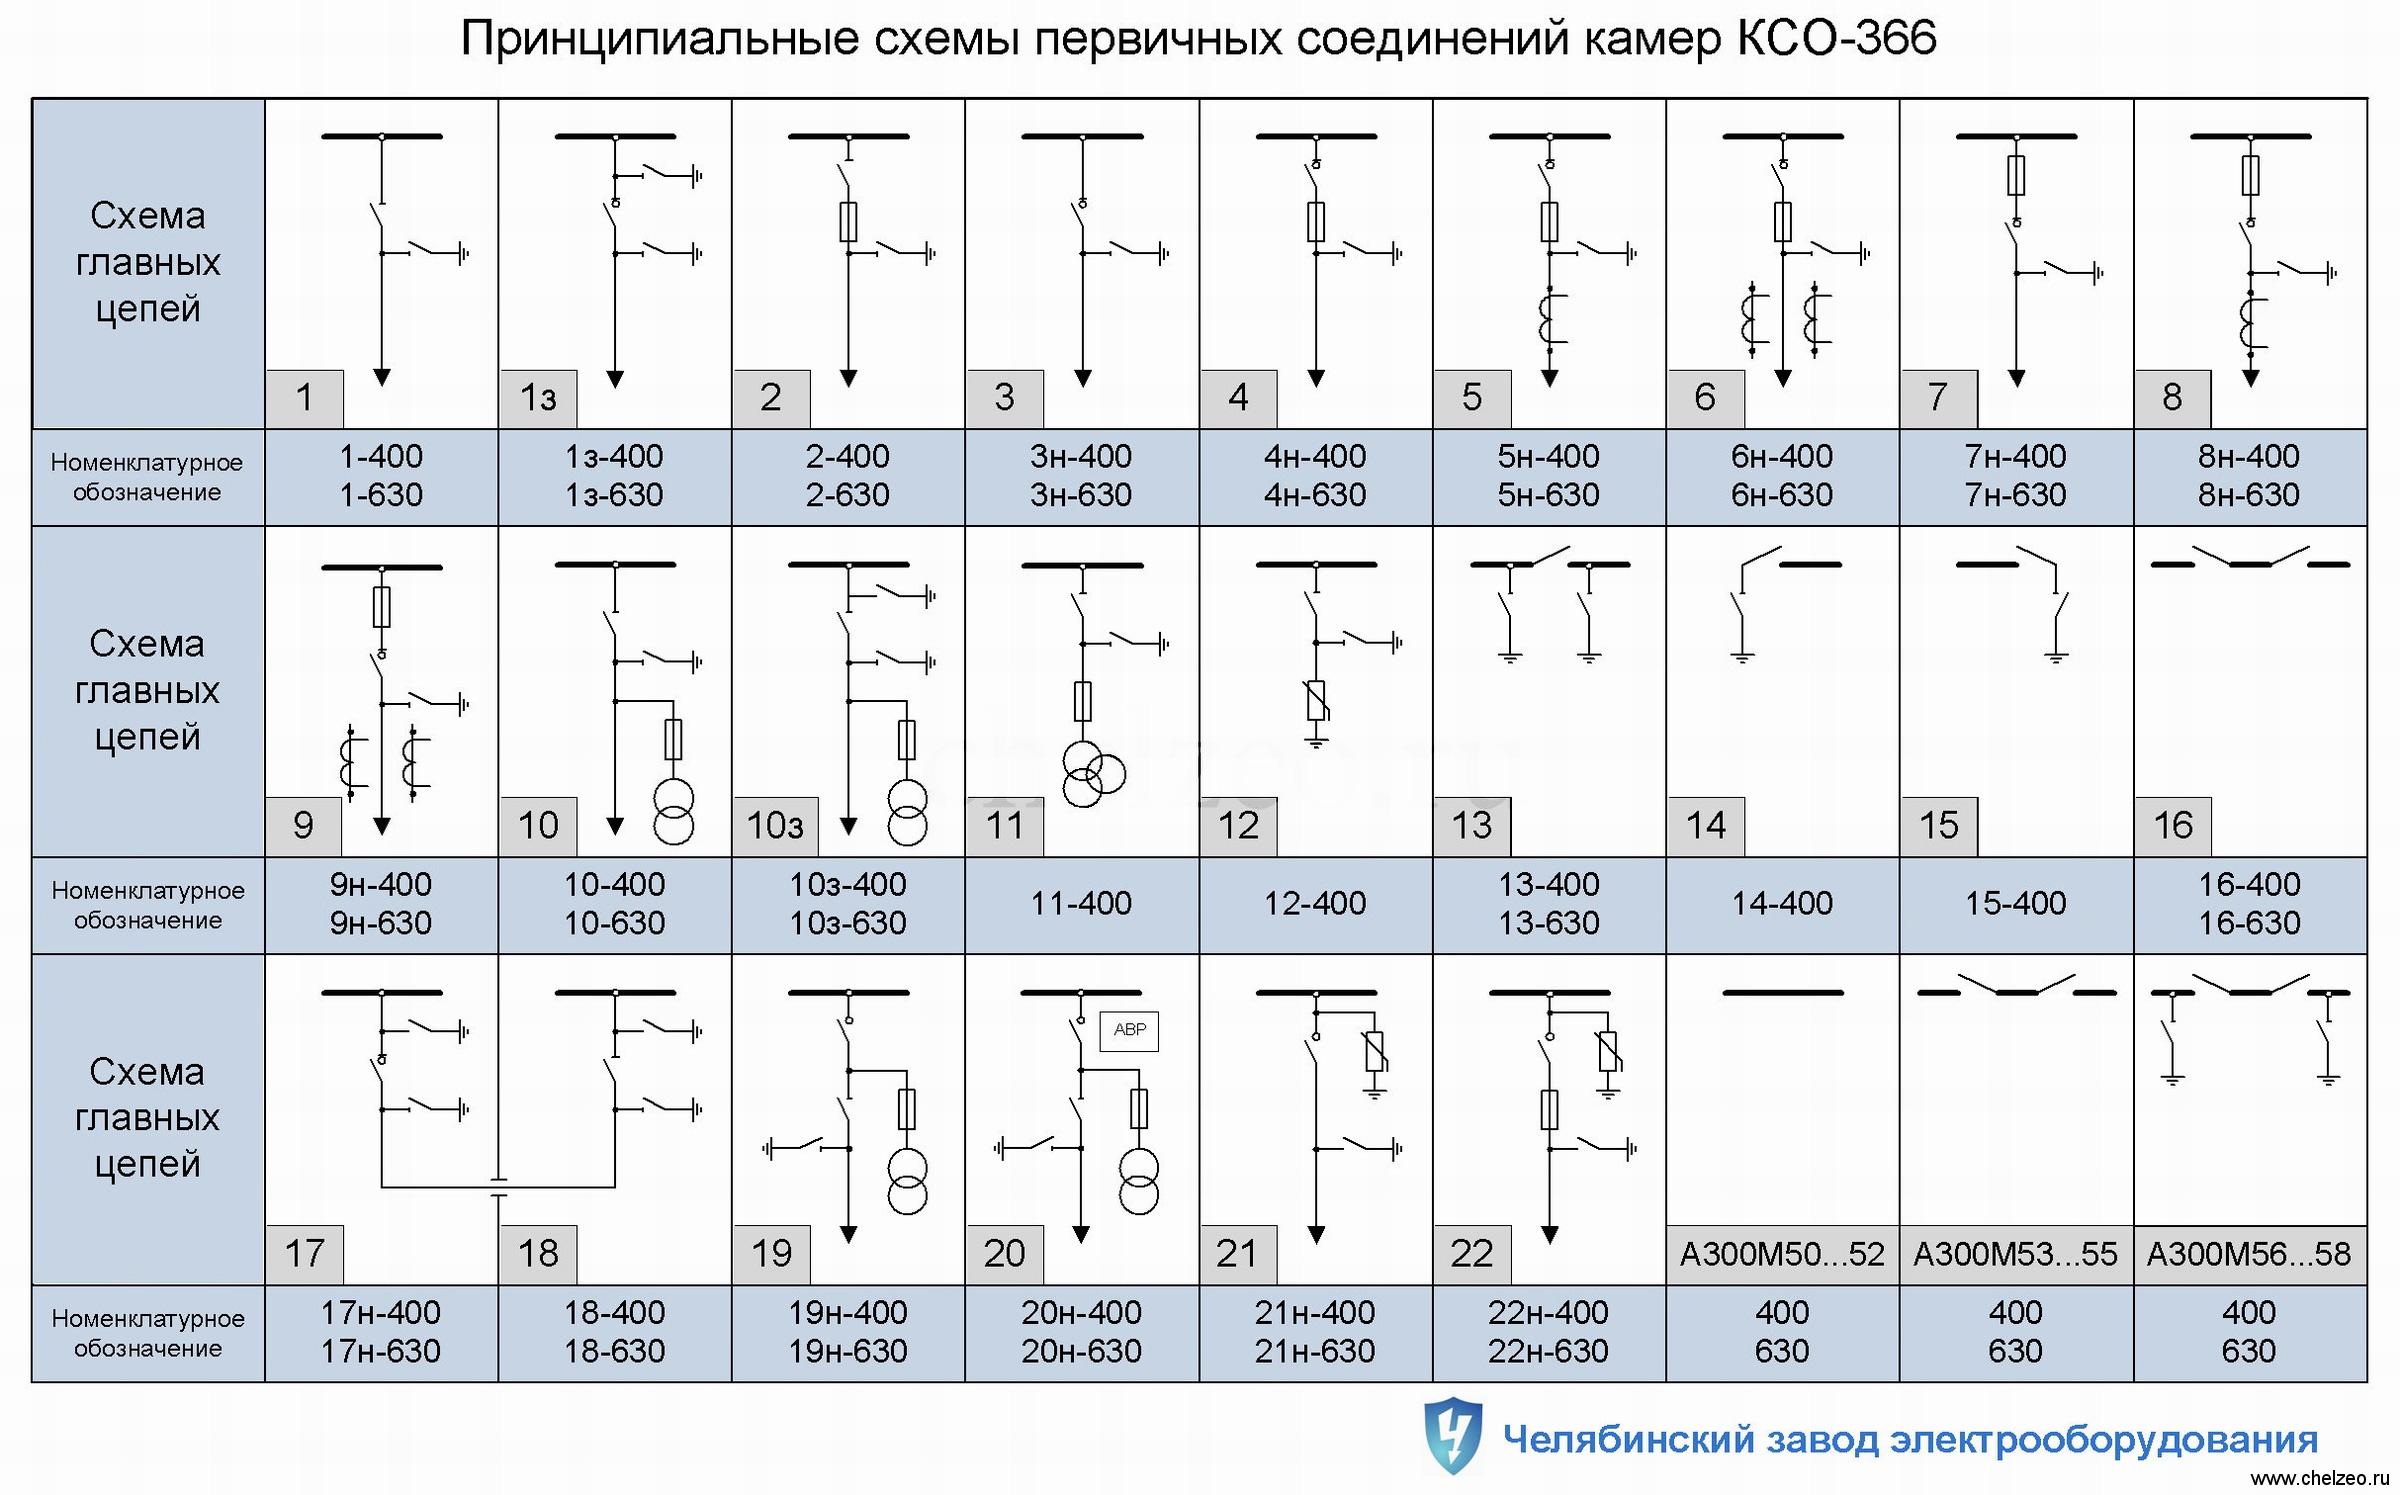 КСО-386 Принципиальные схемы первичных соединений камер(1,20Mb) .